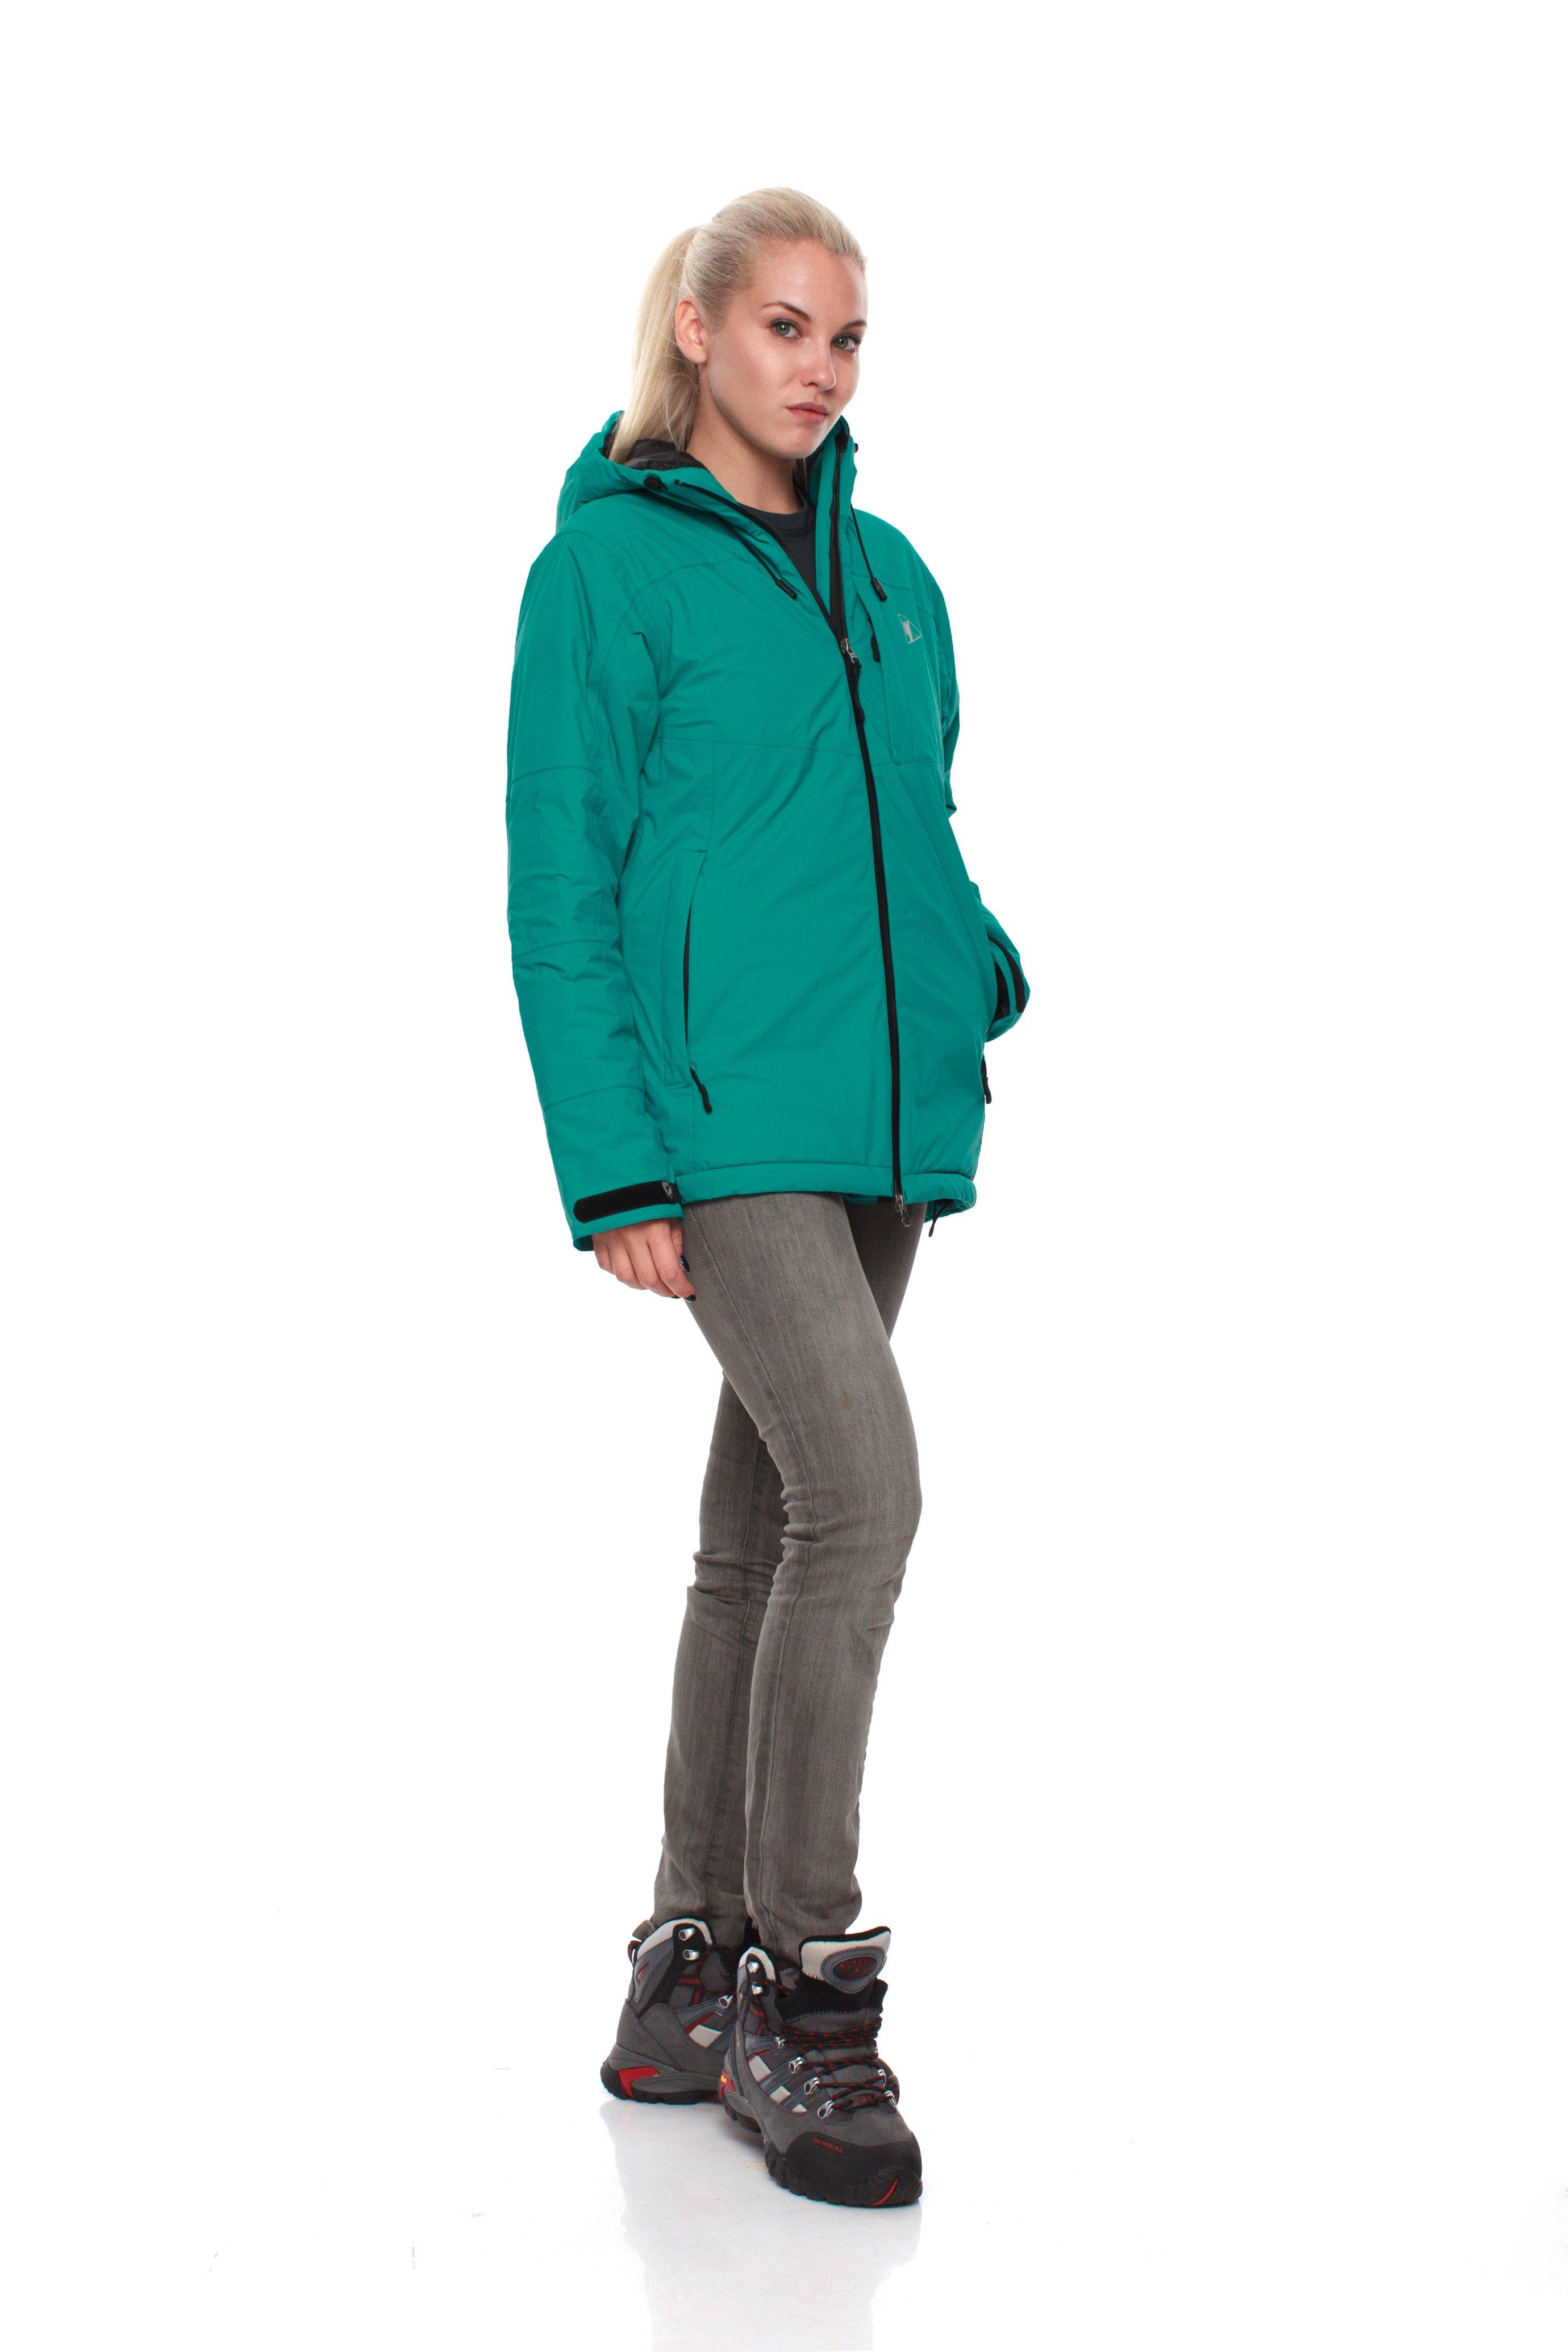 Куртка BASK SHL NARA LADY 3891Куртки<br><br><br>Верхняя ткань: Gelanots® 2L<br>Вес граммы: 730<br>Ветро-влагозащитные свойства верхней ткани: Да<br>Ветрозащитная планка: Да<br>Ветрозащитная юбка: Нет<br>Влагозащитные молнии: Да<br>Внутренние манжеты: Нет<br>Внутренняя ткань: Advance® Classic<br>Водонепроницаемость: 20000<br>Дублирующий центральную молнию клапан: Нет<br>Защитный козырёк капюшона: Да<br>Капюшон: Несъемный<br>Карман для средств связи: Нет<br>Количество внешних карманов: 3<br>Количество внутренних карманов: 2<br>Мембрана: Gelanots®<br>Объемный крой локтевой зоны: Да<br>Отстёгивающиеся рукава: Нет<br>Паропроницаемость: 15000<br>Пол: Женский<br>Проклейка швов: Да<br>Регулировка манжетов рукавов: Да<br>Регулировка низа: Да<br>Регулировка объёма капюшона: Да<br>Регулировка талии: Да<br>Регулируемые вентиляционные отверстия: Нет<br>Световозвращающая лента: Нет<br>Температурный режим: -15<br>Технология Thermal Welding: Нет<br>Технология швов: Проклеены<br>Тип молнии: Двухзамковая влагостойкая<br>Тип утеплителя: Синтетический<br>Усиление контактных зон: Нет<br>Утеплитель: Shelter®Sport<br>Размер INT: M<br>Цвет: ЧЕРНЫЙ